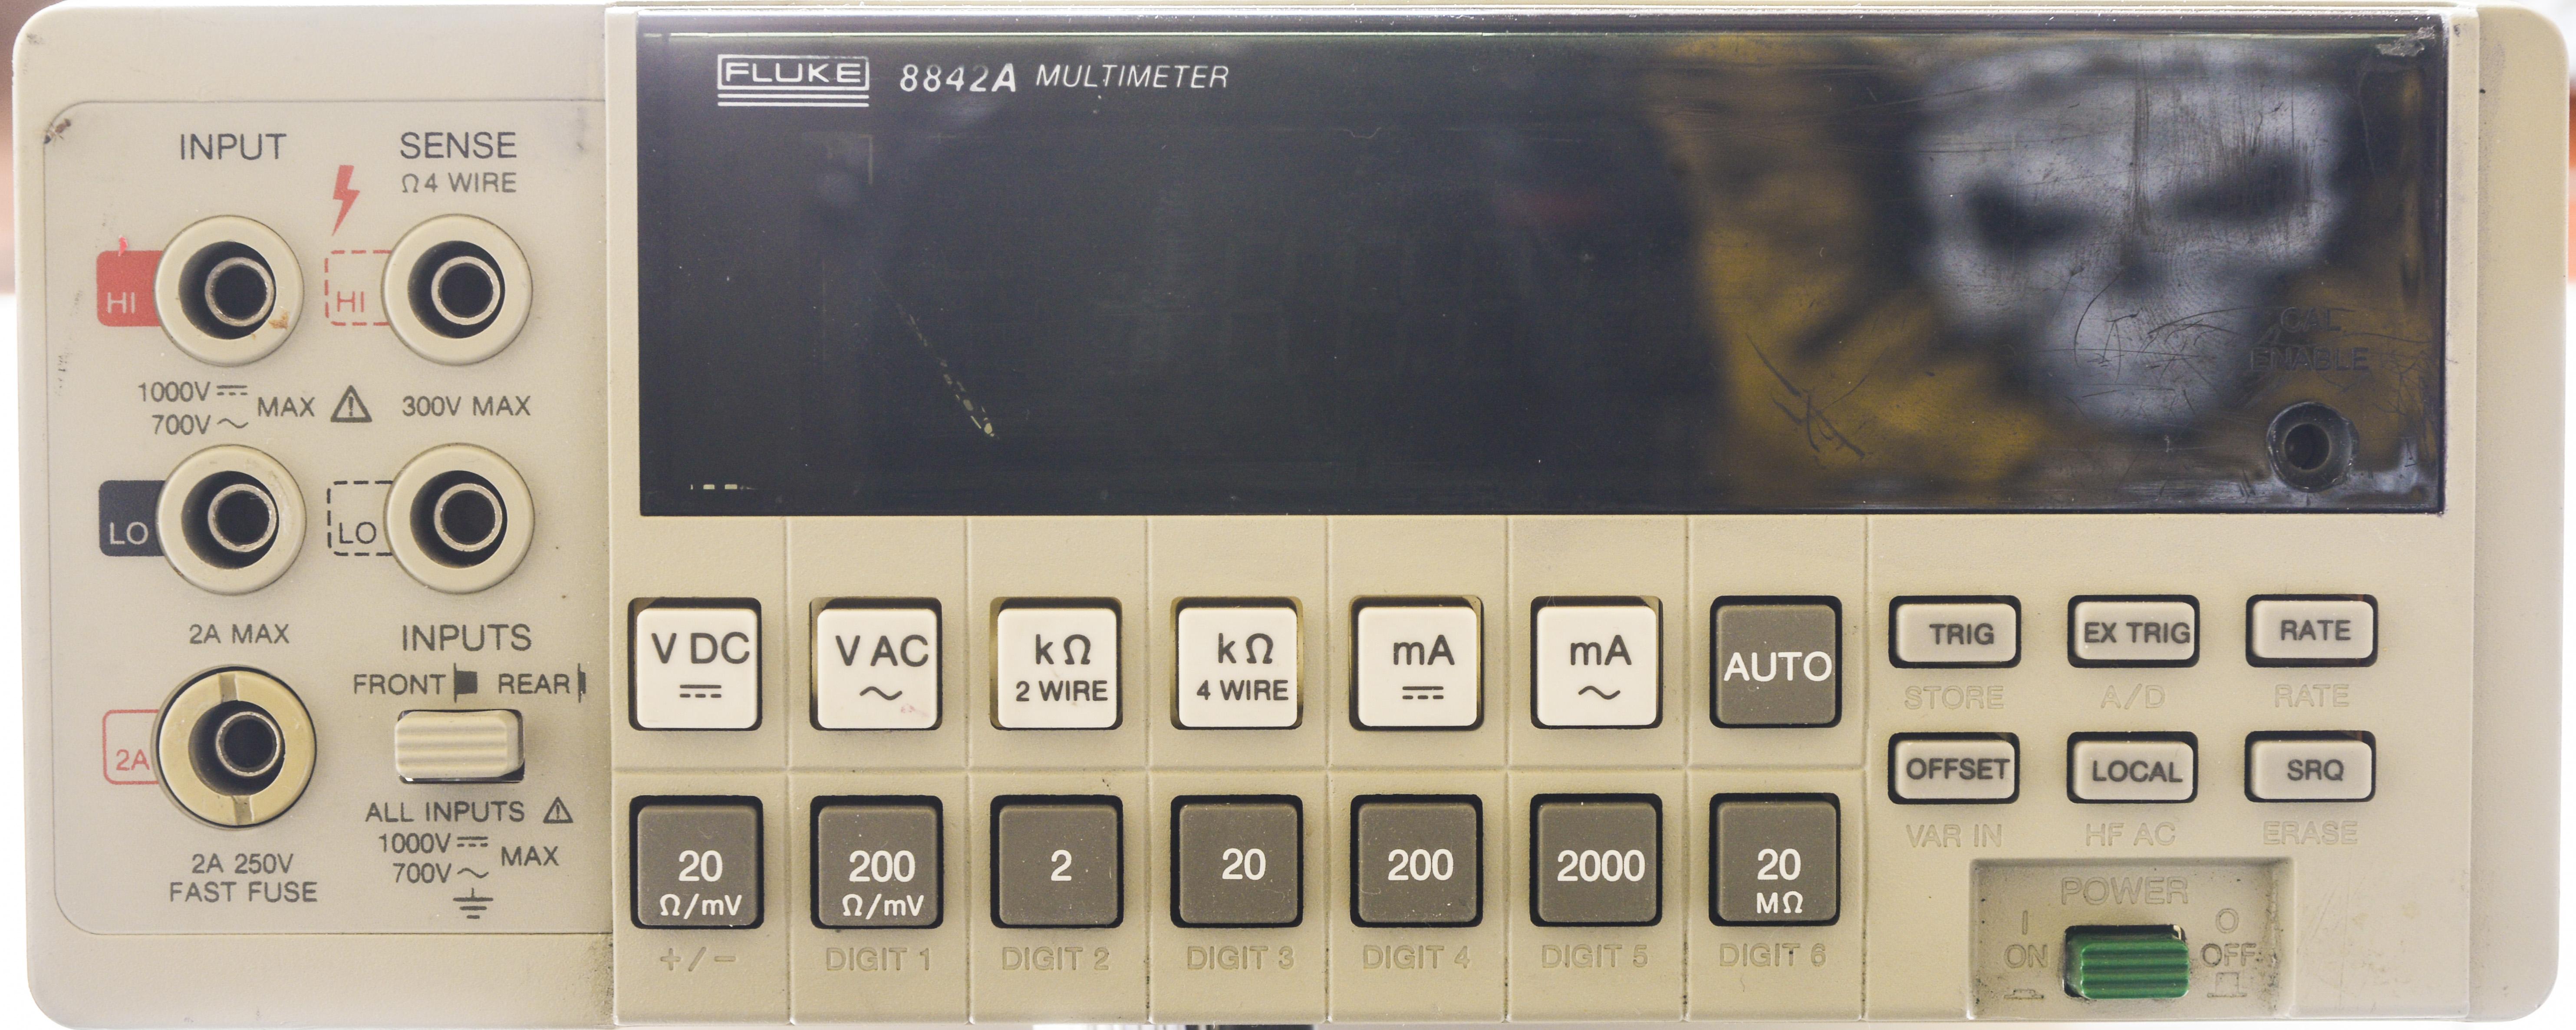 xDevs com | Fluke 8842A repair and calibration